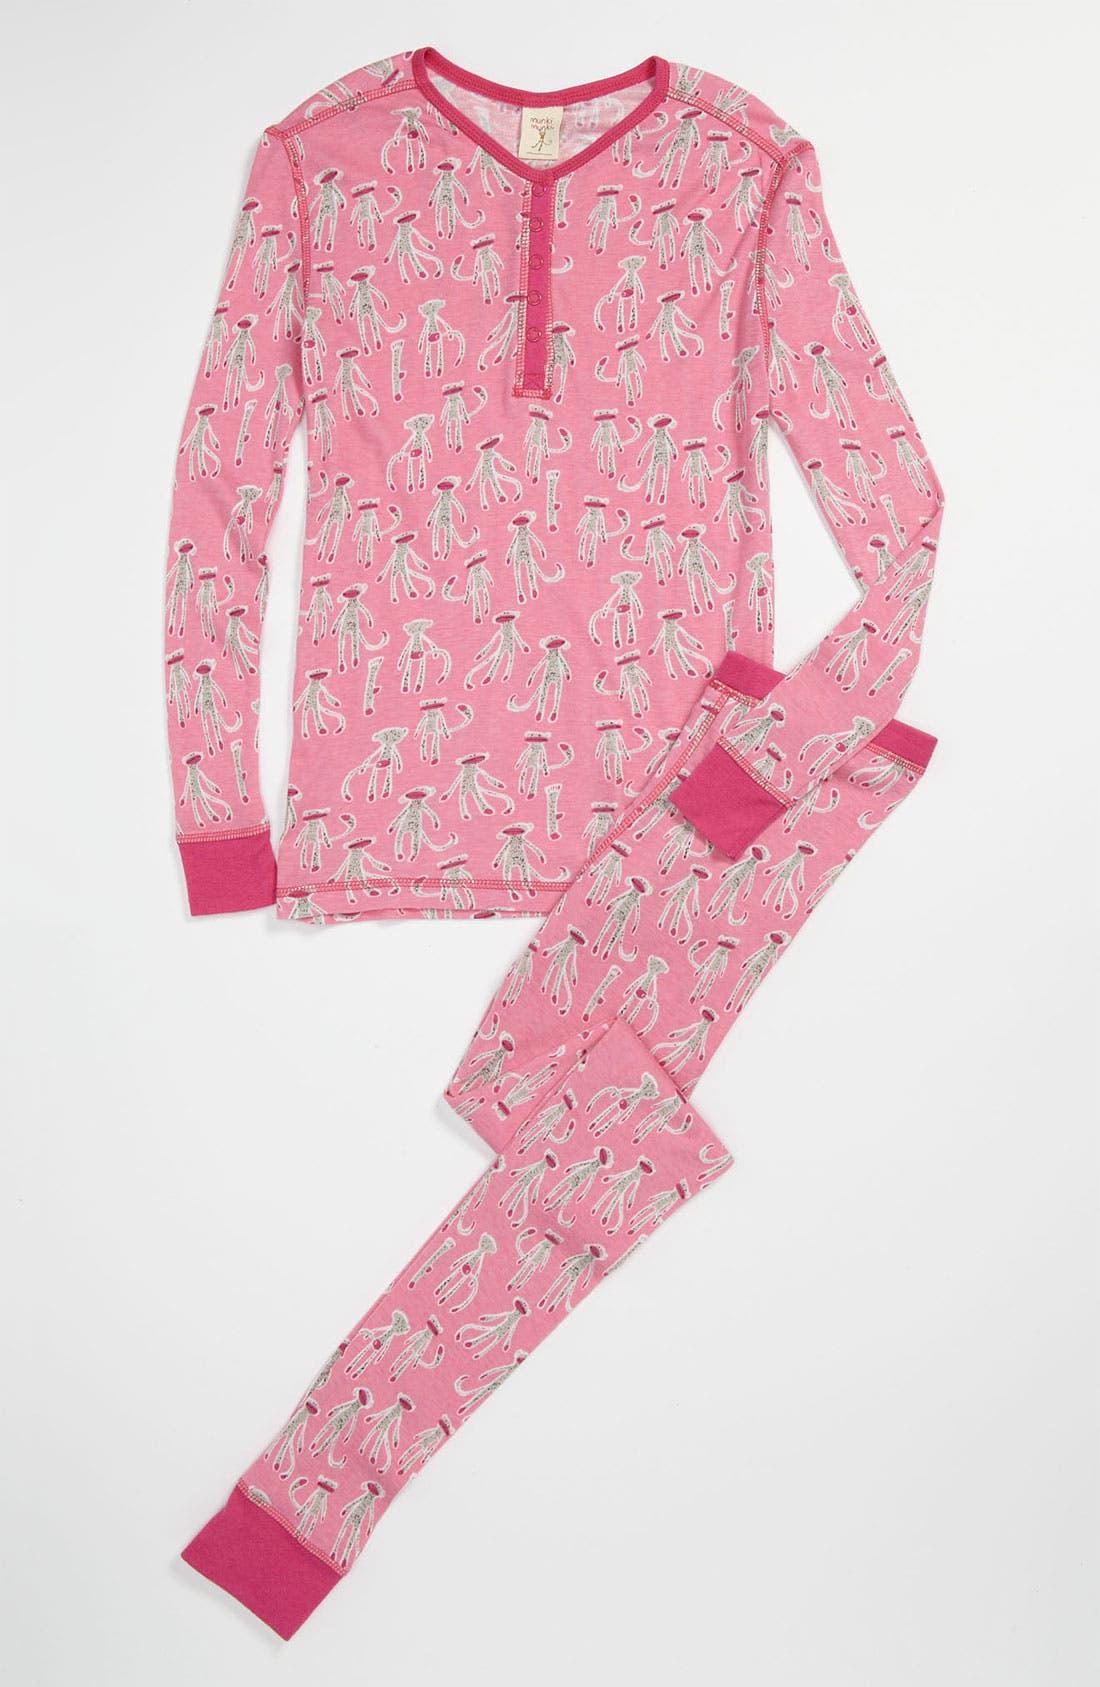 Main Image - Munki Munki Two-Piece Fitted Pajamas (Little Girls & Big Girls)